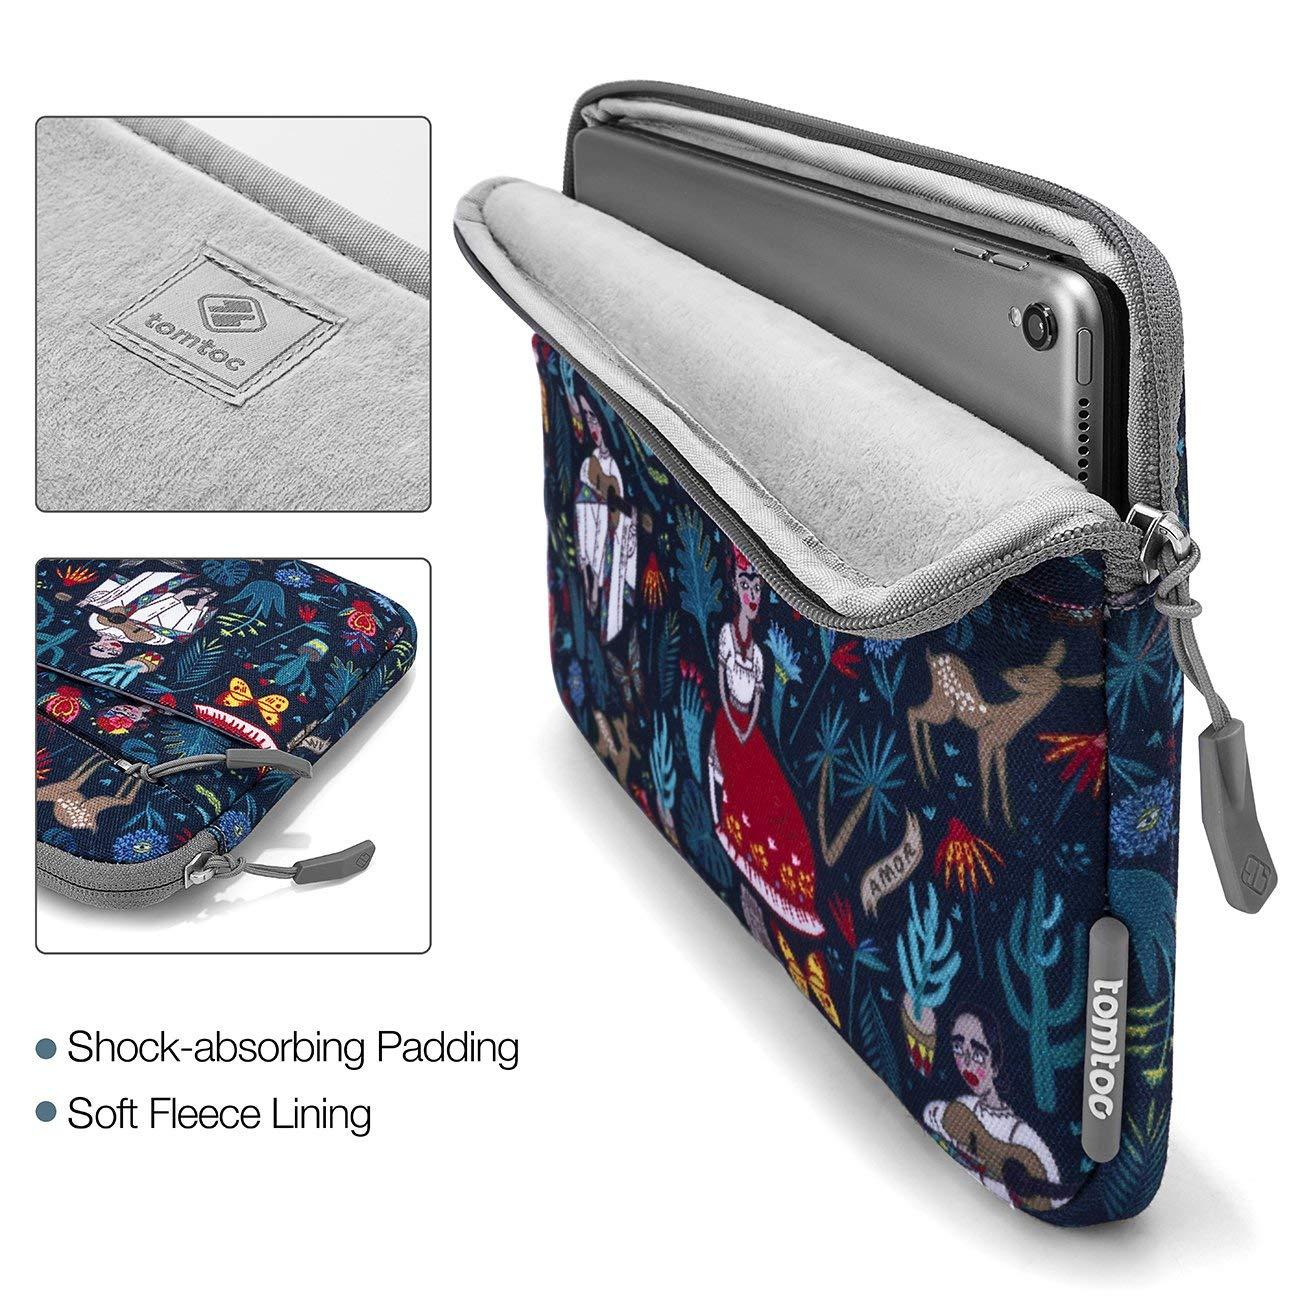 Resistente al Agua Rosa Beb/é con Bolsillos de Accesorios New MacBook Pro A2159 A1989 A1706 A1708 tomtoc 12,5 Funda Port/átil Delgada para 13 New MacBook Air A1932 DELL XPS 13 Surface Pro 5 4 3